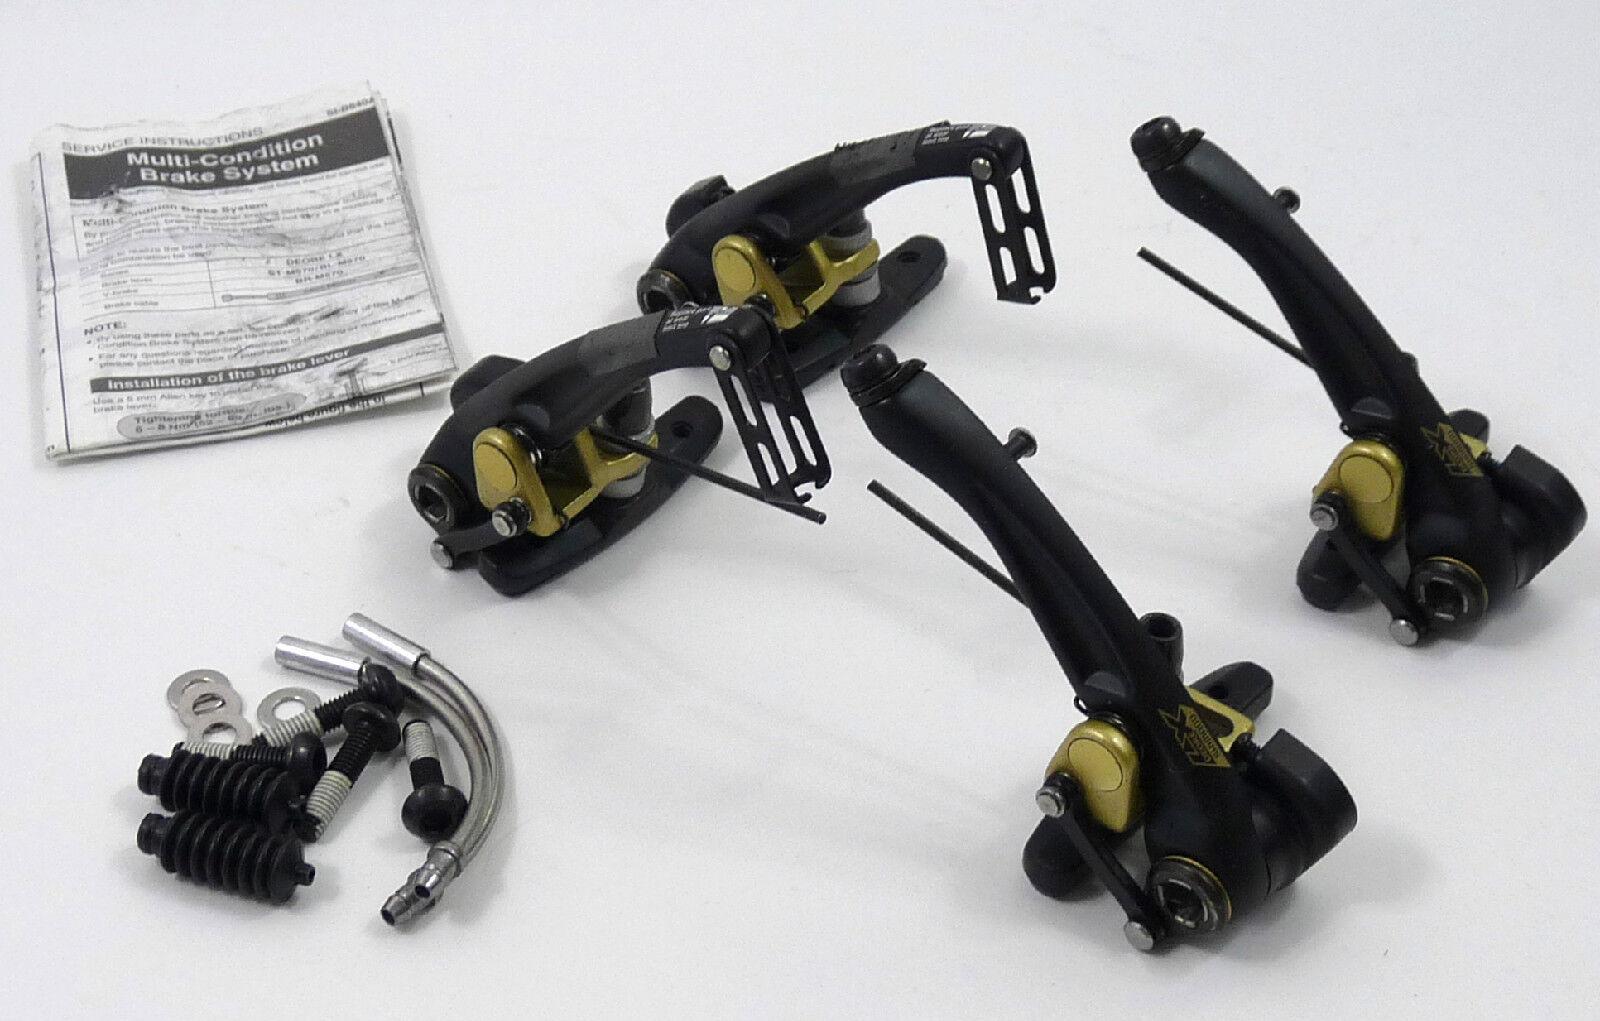 Shimano LX V Brake Conjunto de Colección Bicicleta de montaña Touring BR M-570 casi han desaparecido  nuevo viejo Stock